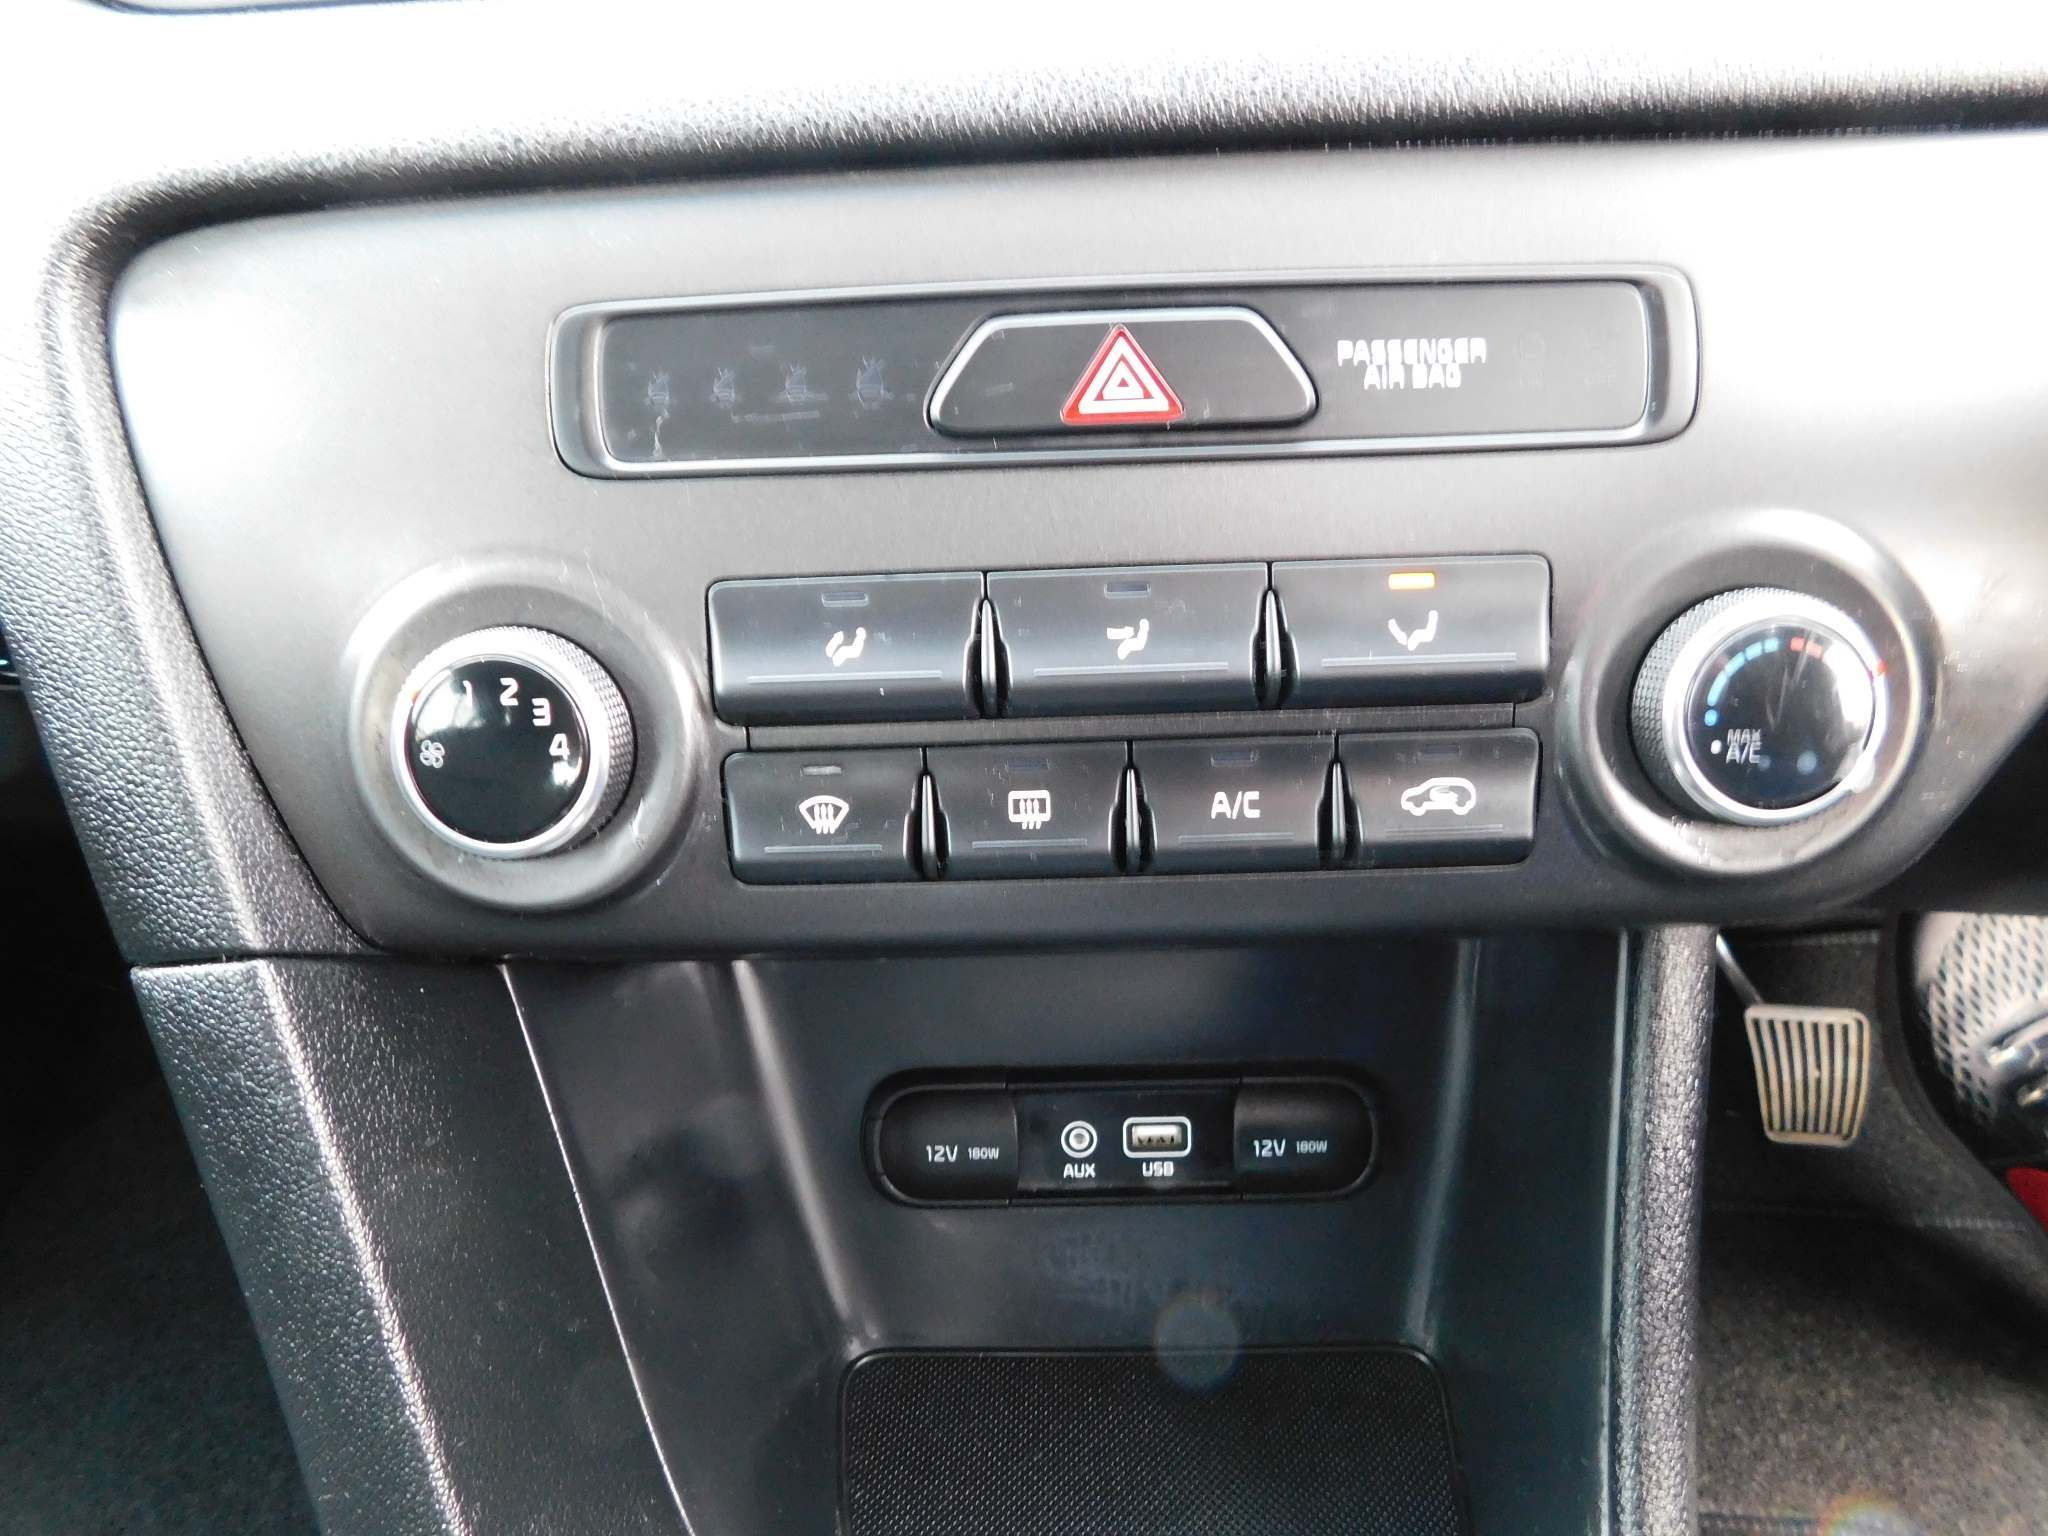 2017 KIA Sportage 1.7 CRDi 1 (s/s) Diesel Manual just arrived – Meadow Cars Carrickfergus full